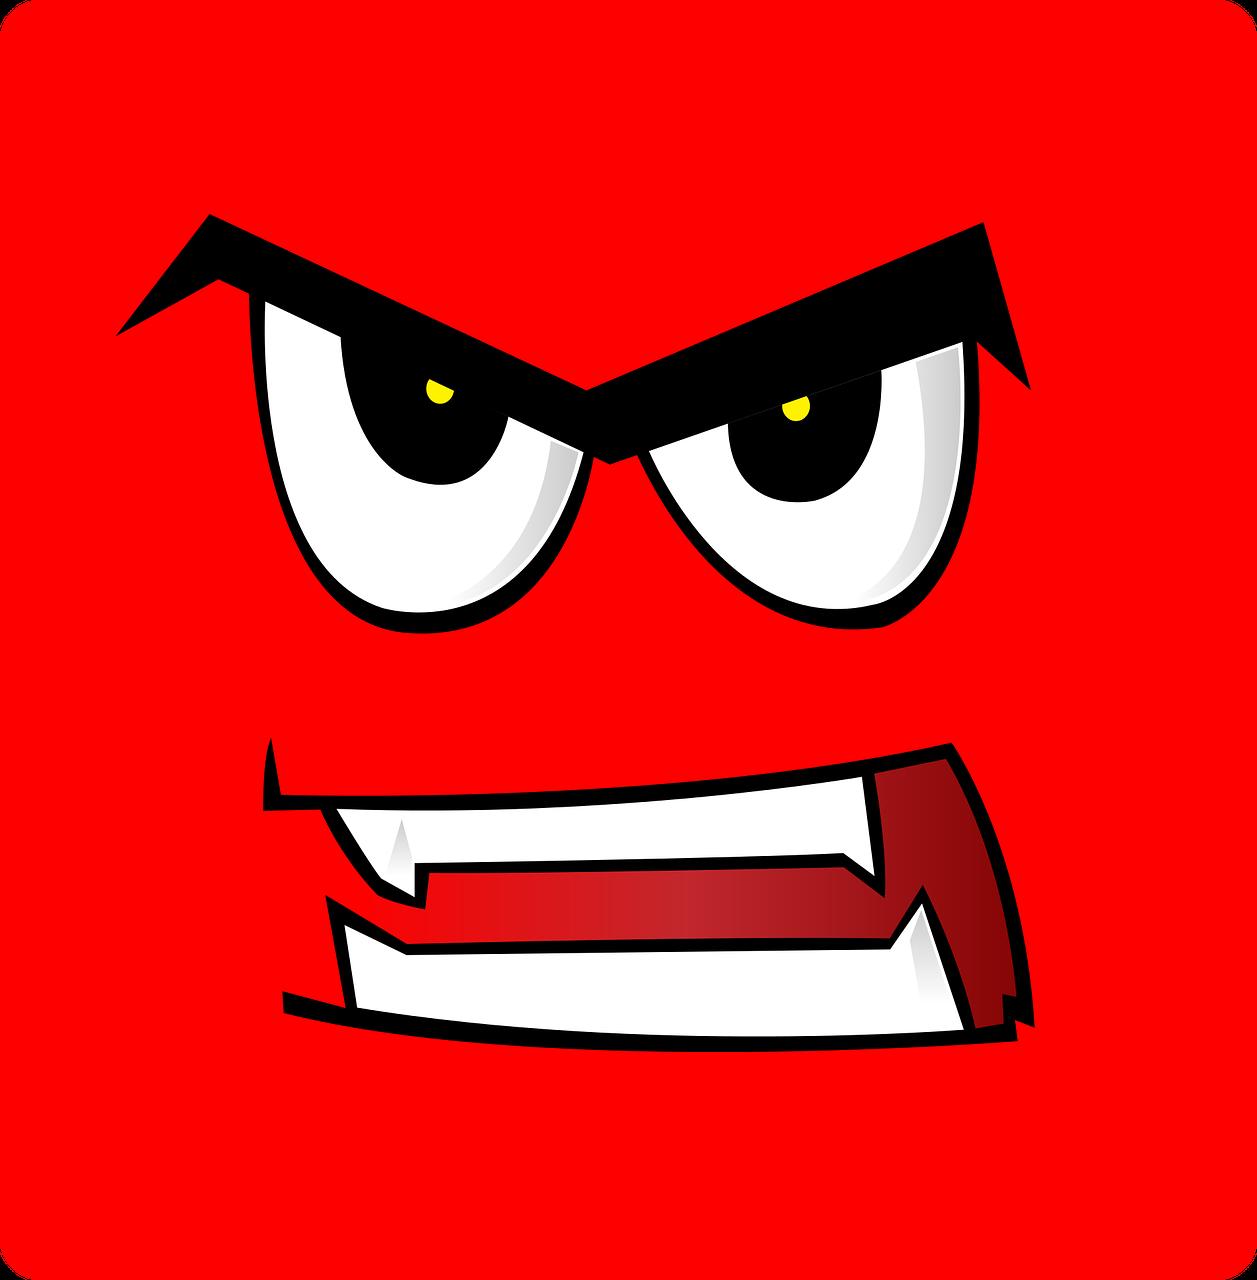 Рэп картинки, открытки злость гнев